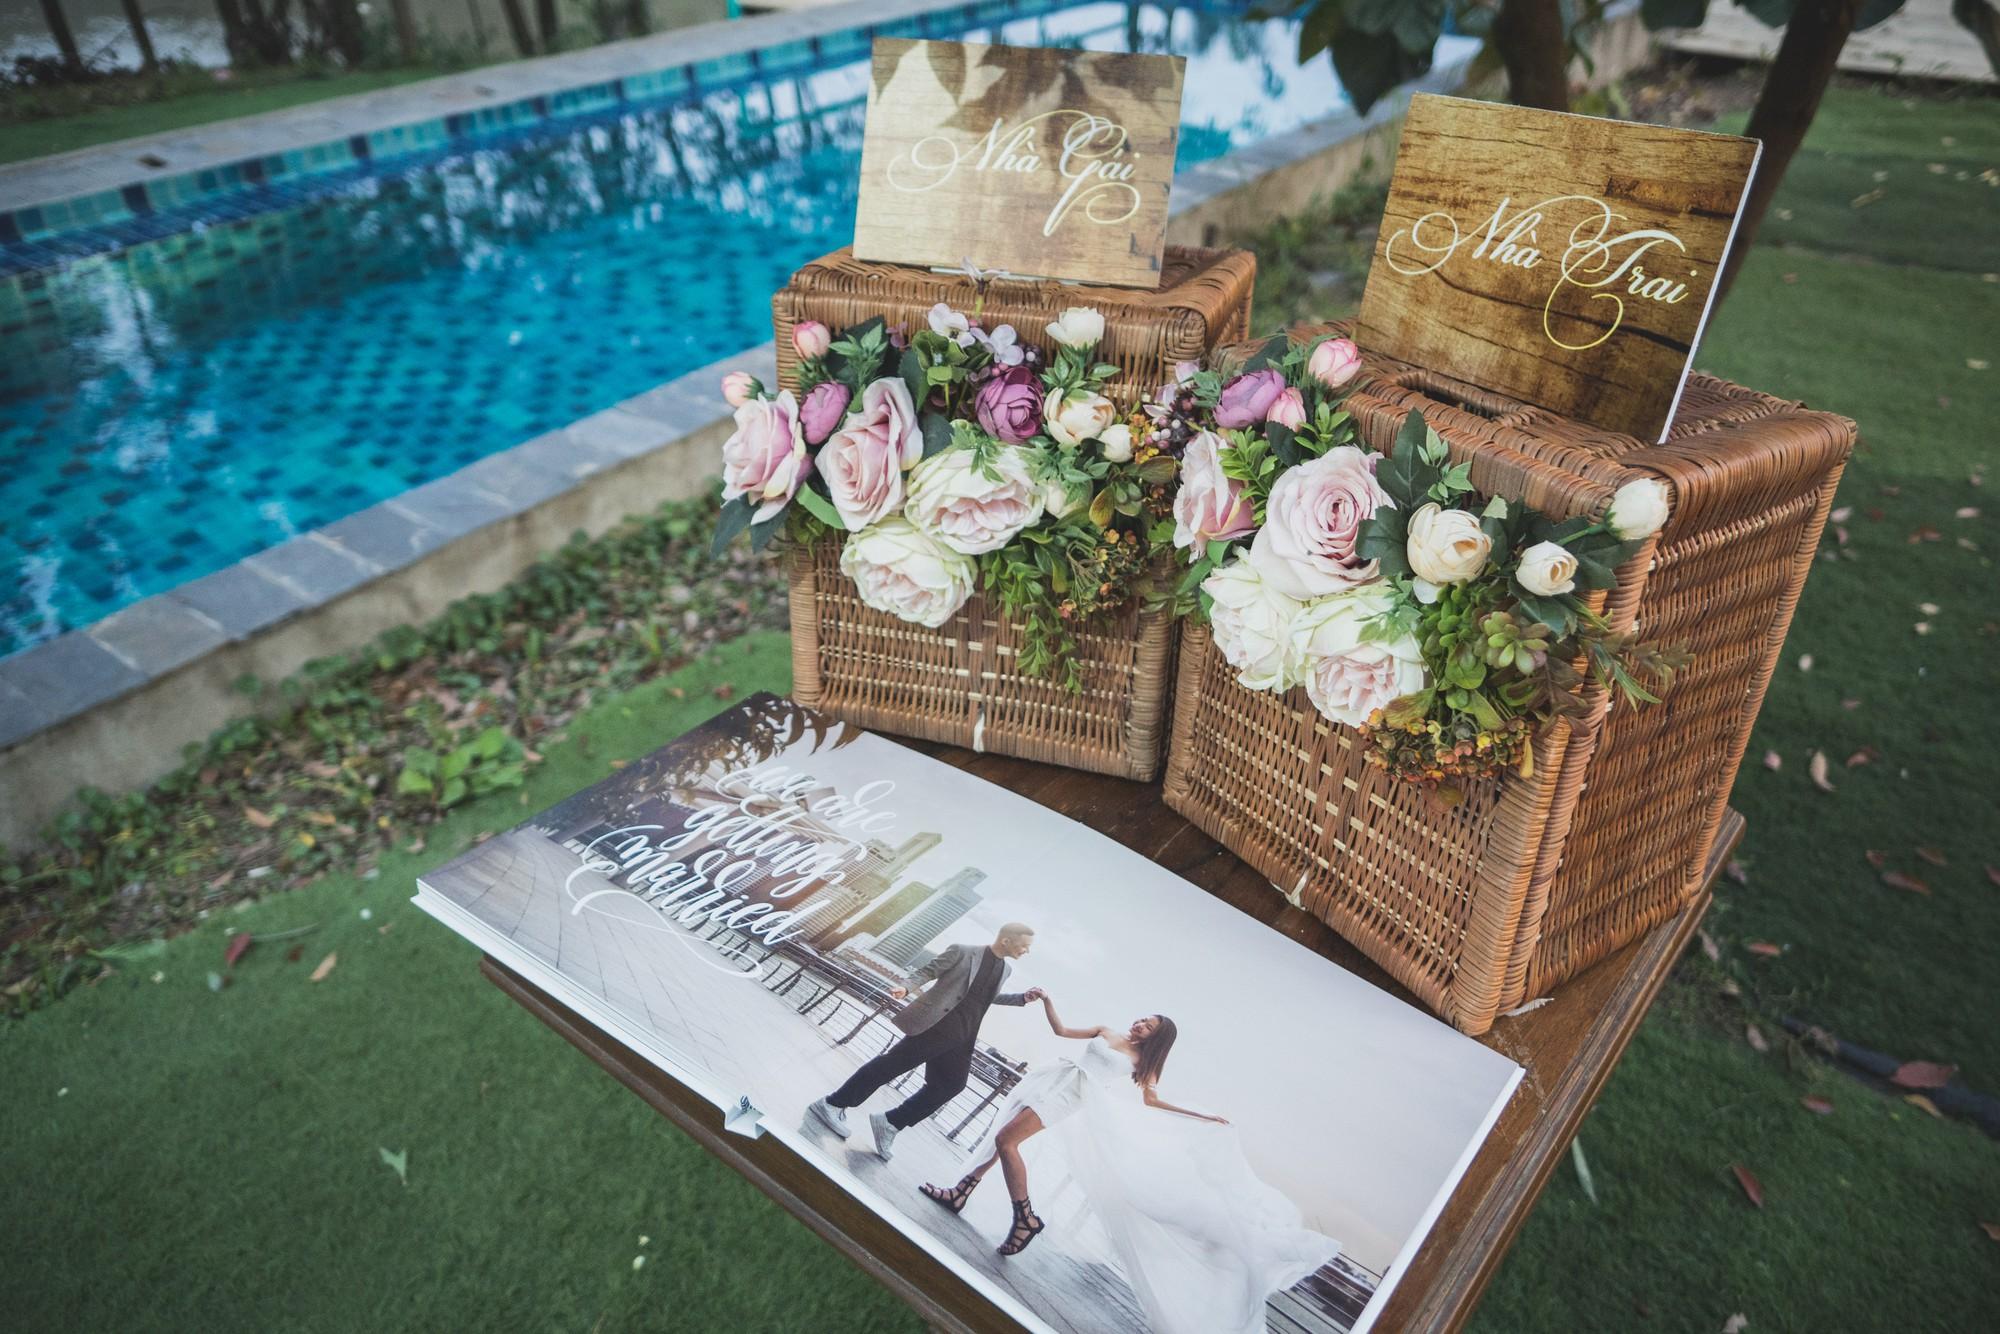 Đám cưới phong cách lẩu thập cẩm: Cô dâu hóa Võ Tắc Thiên, chú rể cosplay thần Hy Lạp - Ảnh 3.